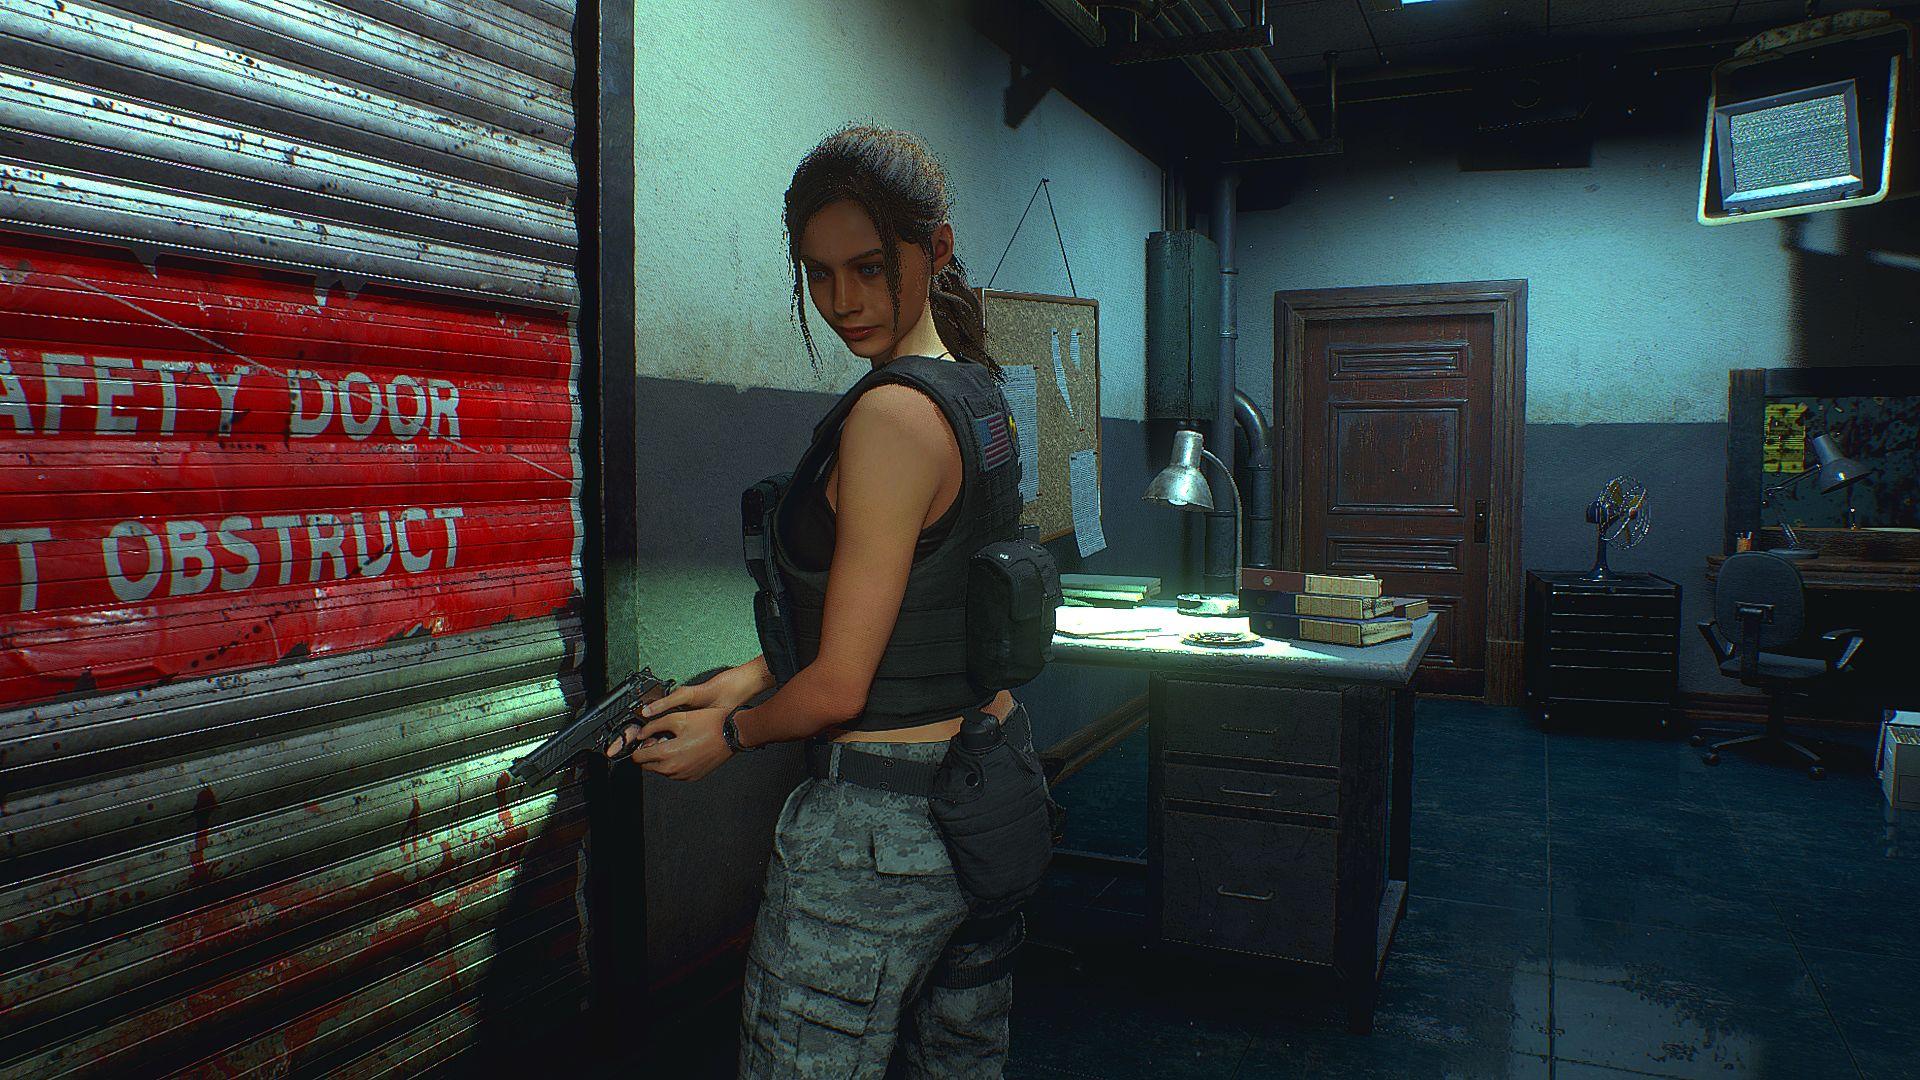 000193.Jpg - Resident Evil 2